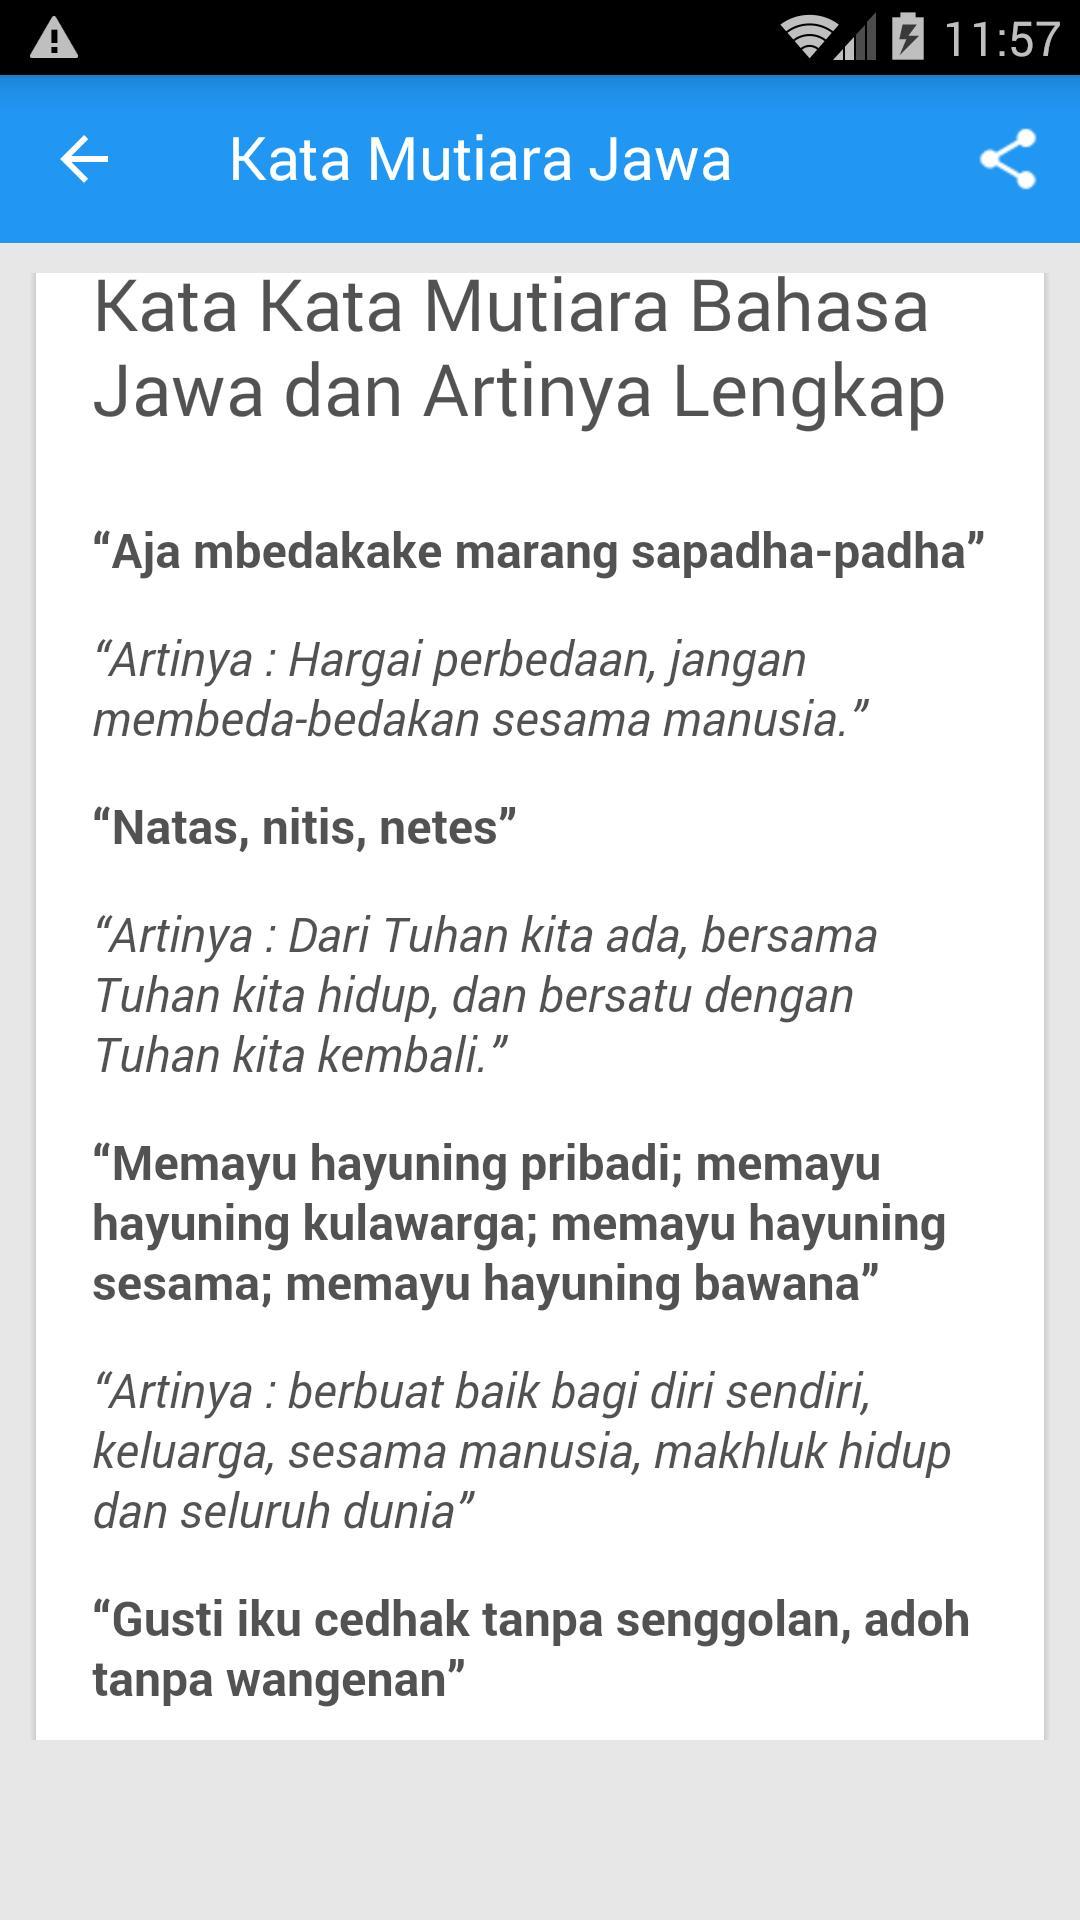 Kata Kata Mutiara Bahasa Jawa For Android Apk Download